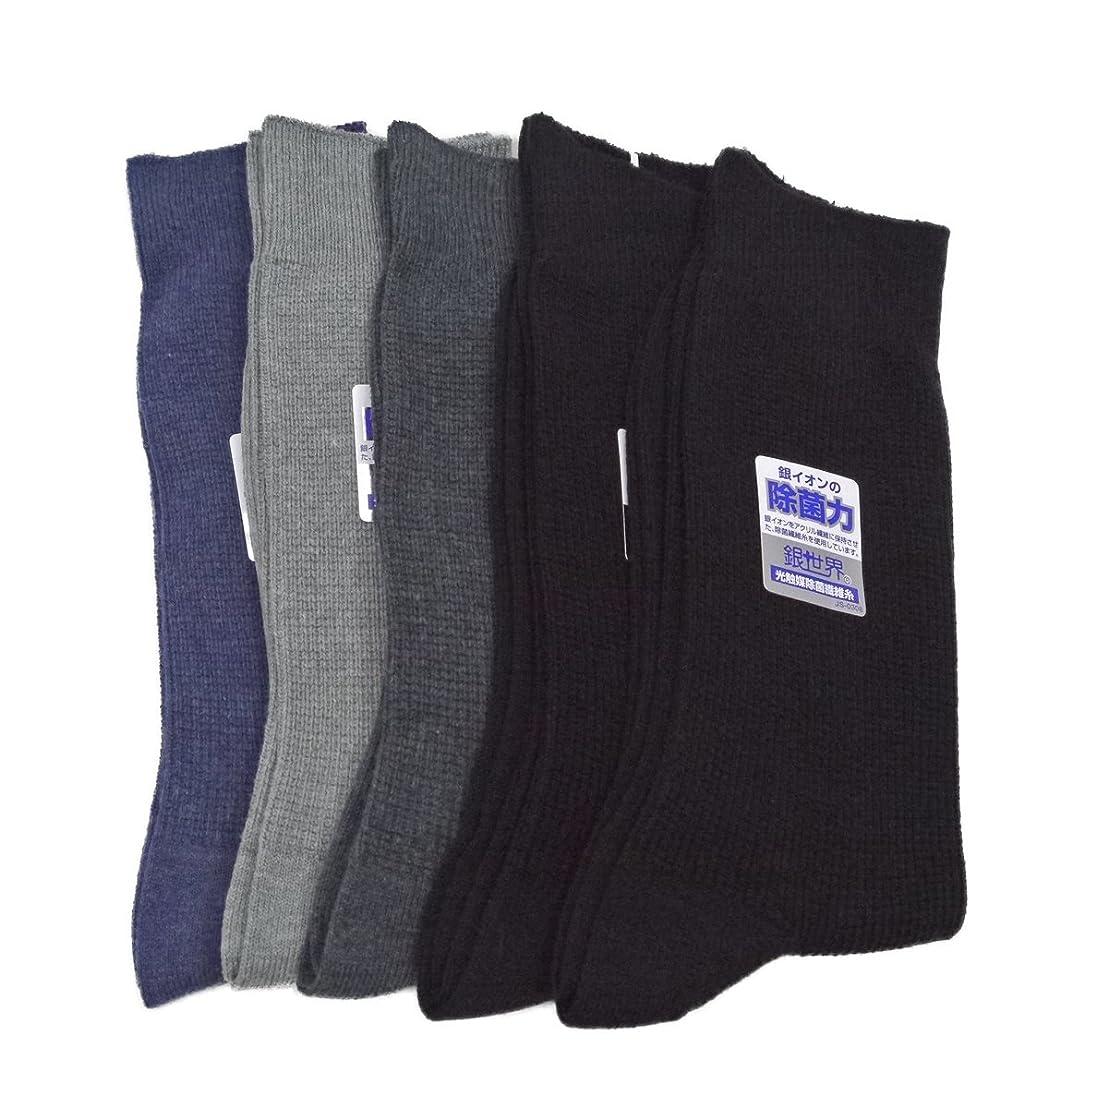 うんざりに変わる管理する東洋紡 銀世界使用 日本製 銀イオンで除菌の靴下 リッチェル柄 アソート セット